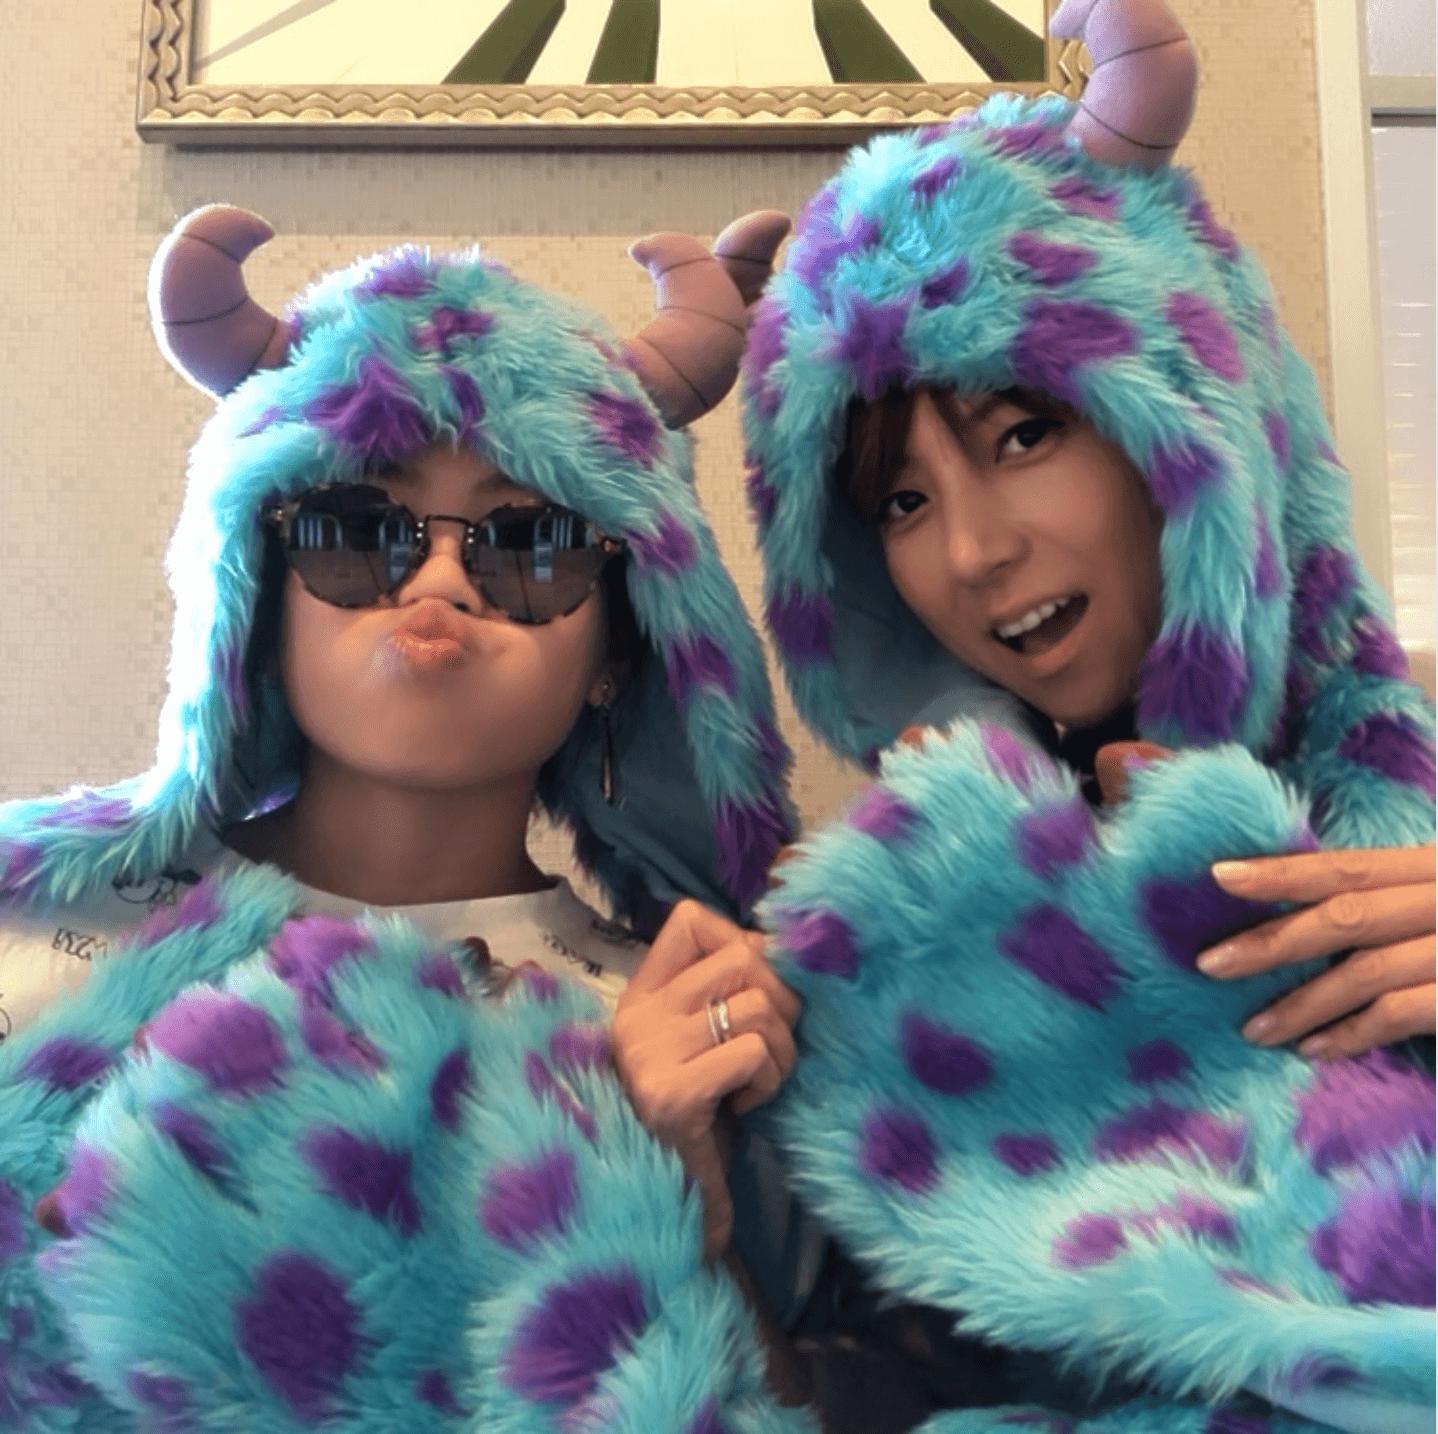 """hitomi、10歳娘との""""ディズニーデート""""で2ショット公開「二人で、このような事も少ないから…」サムネイル画像"""